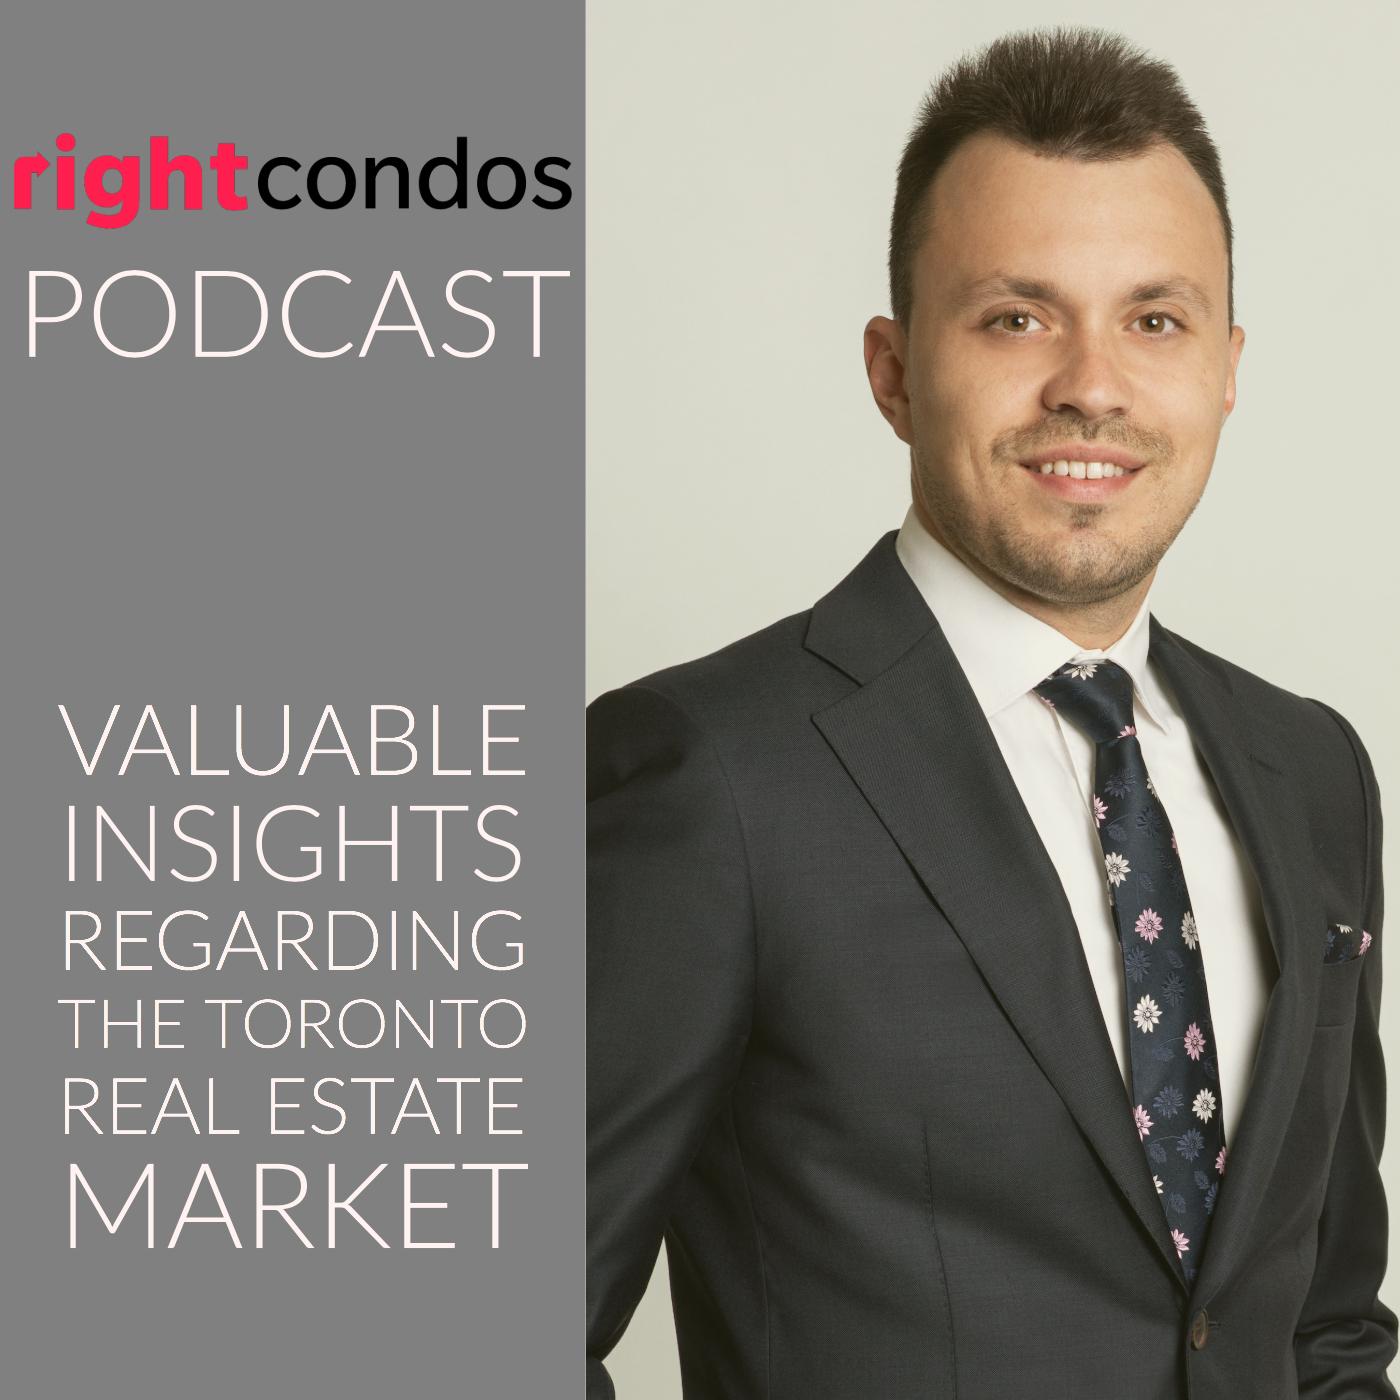 Right Condos Podcast